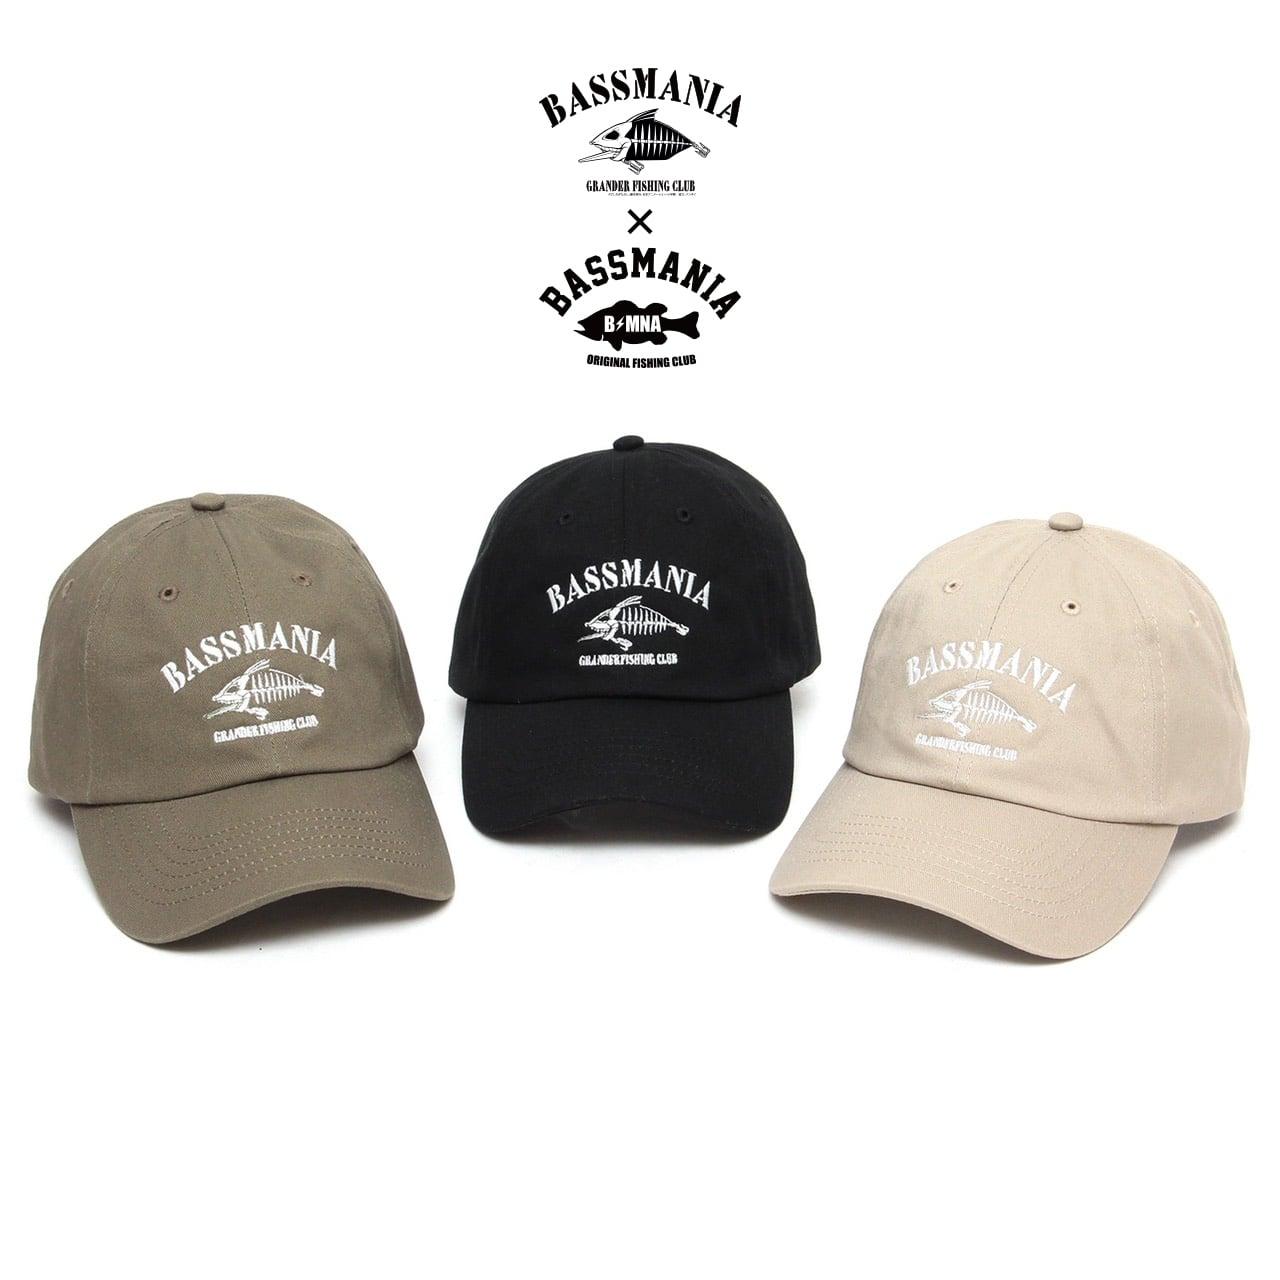 【グランダー武蔵×bassmania】スケルトン刺繍CAP【限定生産】